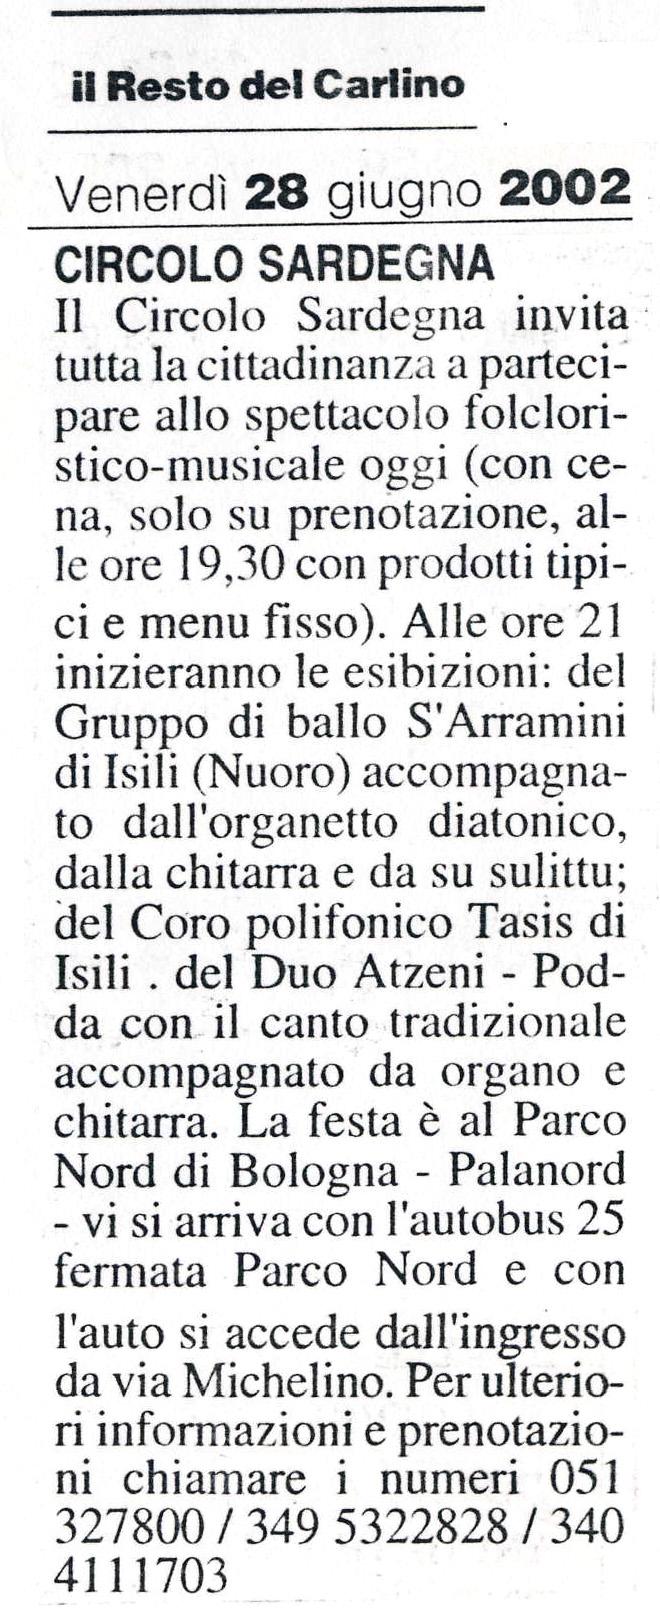 Il Resto del Carlino Bologna, 28 Giugno 2002